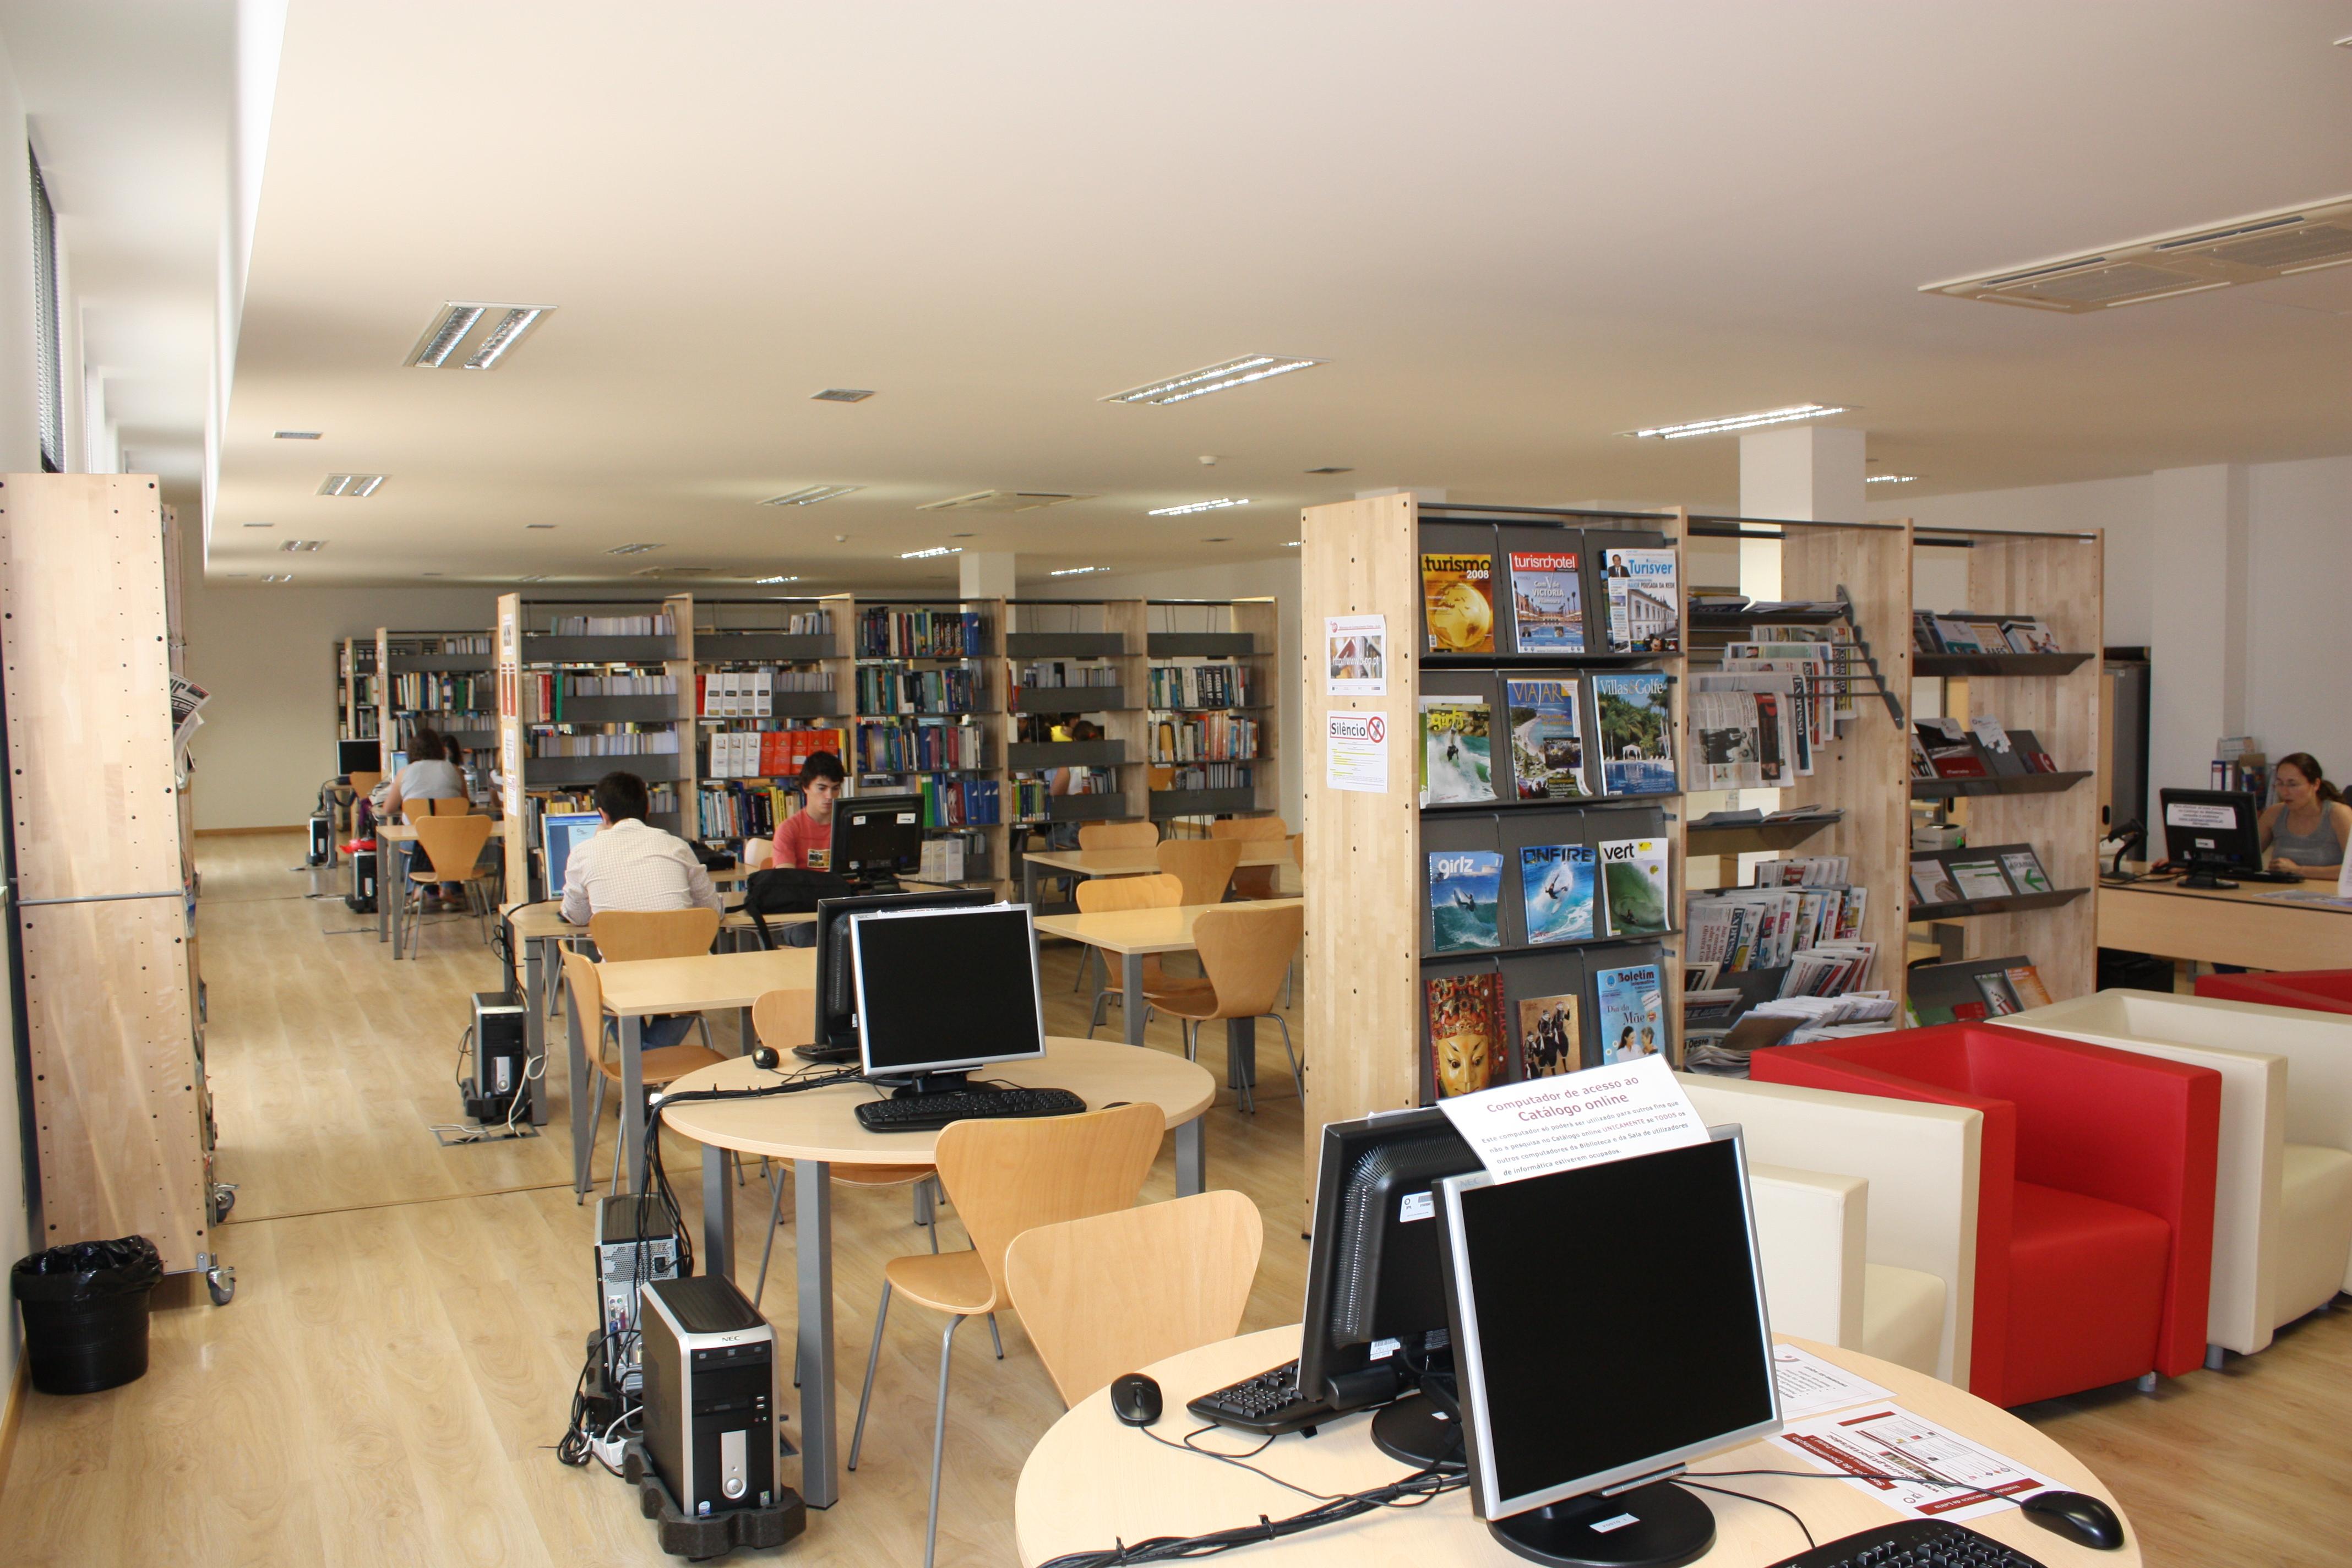 Biblioteca do campus 4 estm bibliotecas do polit cnico for Politecnico biblioteca